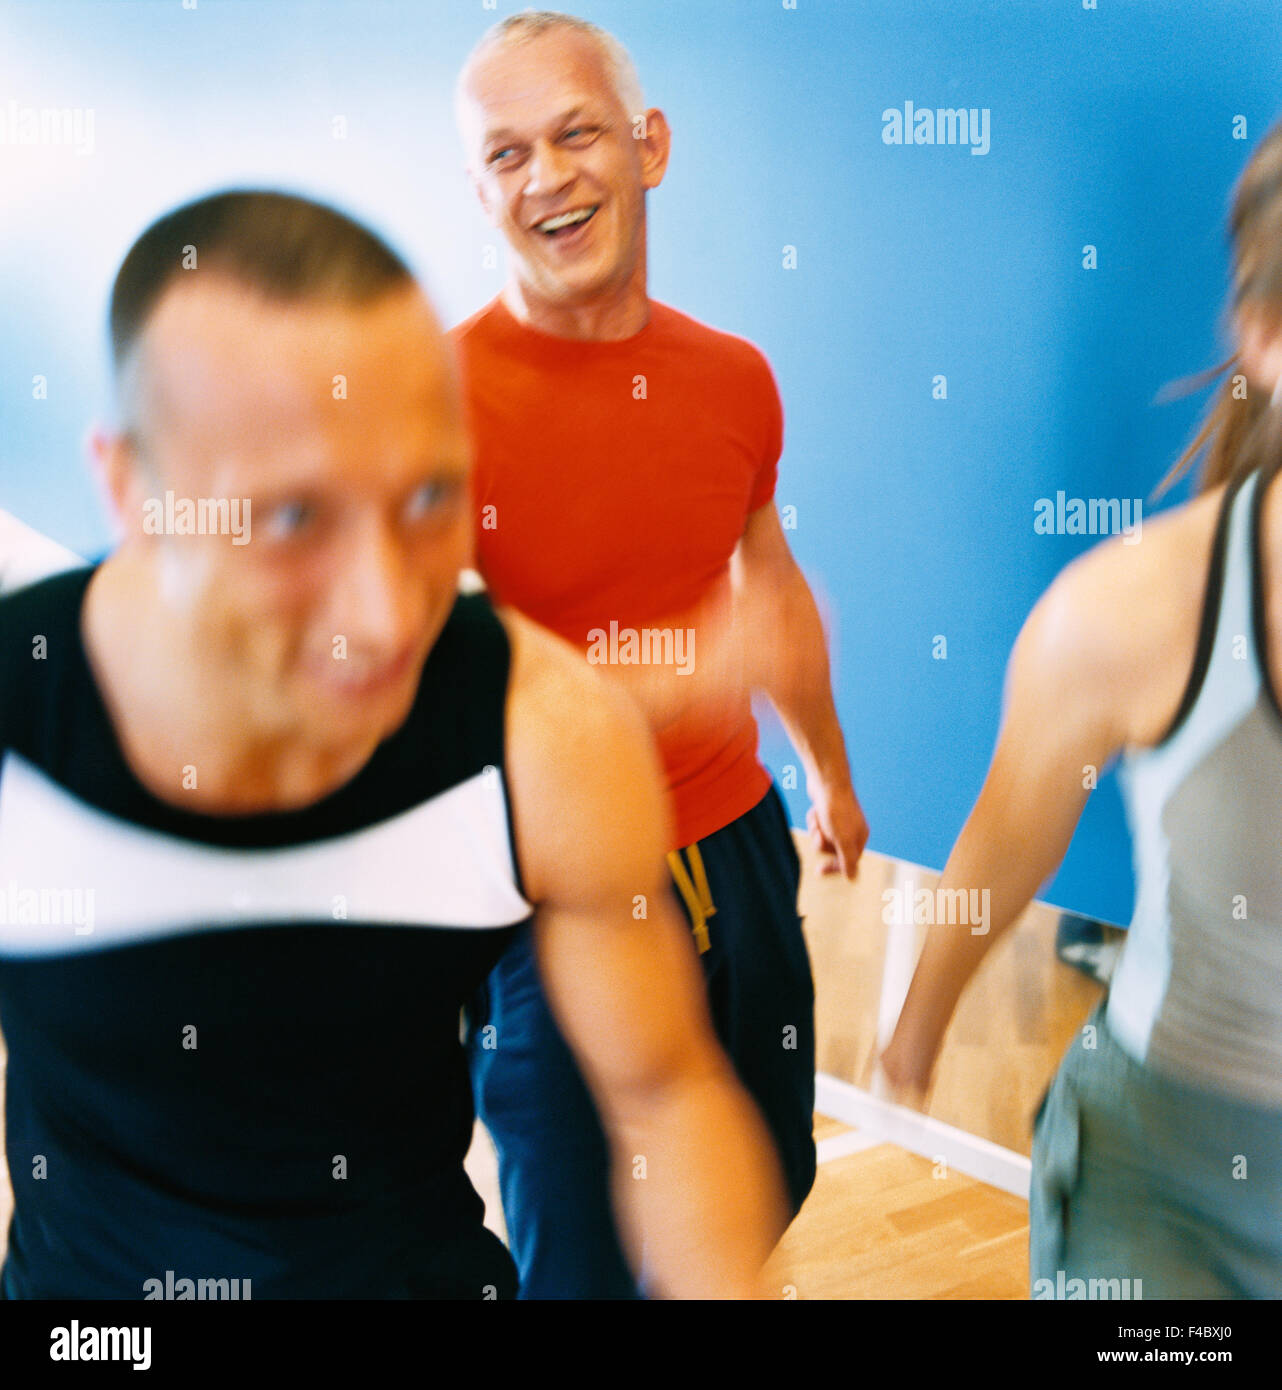 30-34 anni 70-74 anni 75-79 anni di attività solo adulti aerobica bodybuilding atleta immagine a colori uomo Immagini Stock